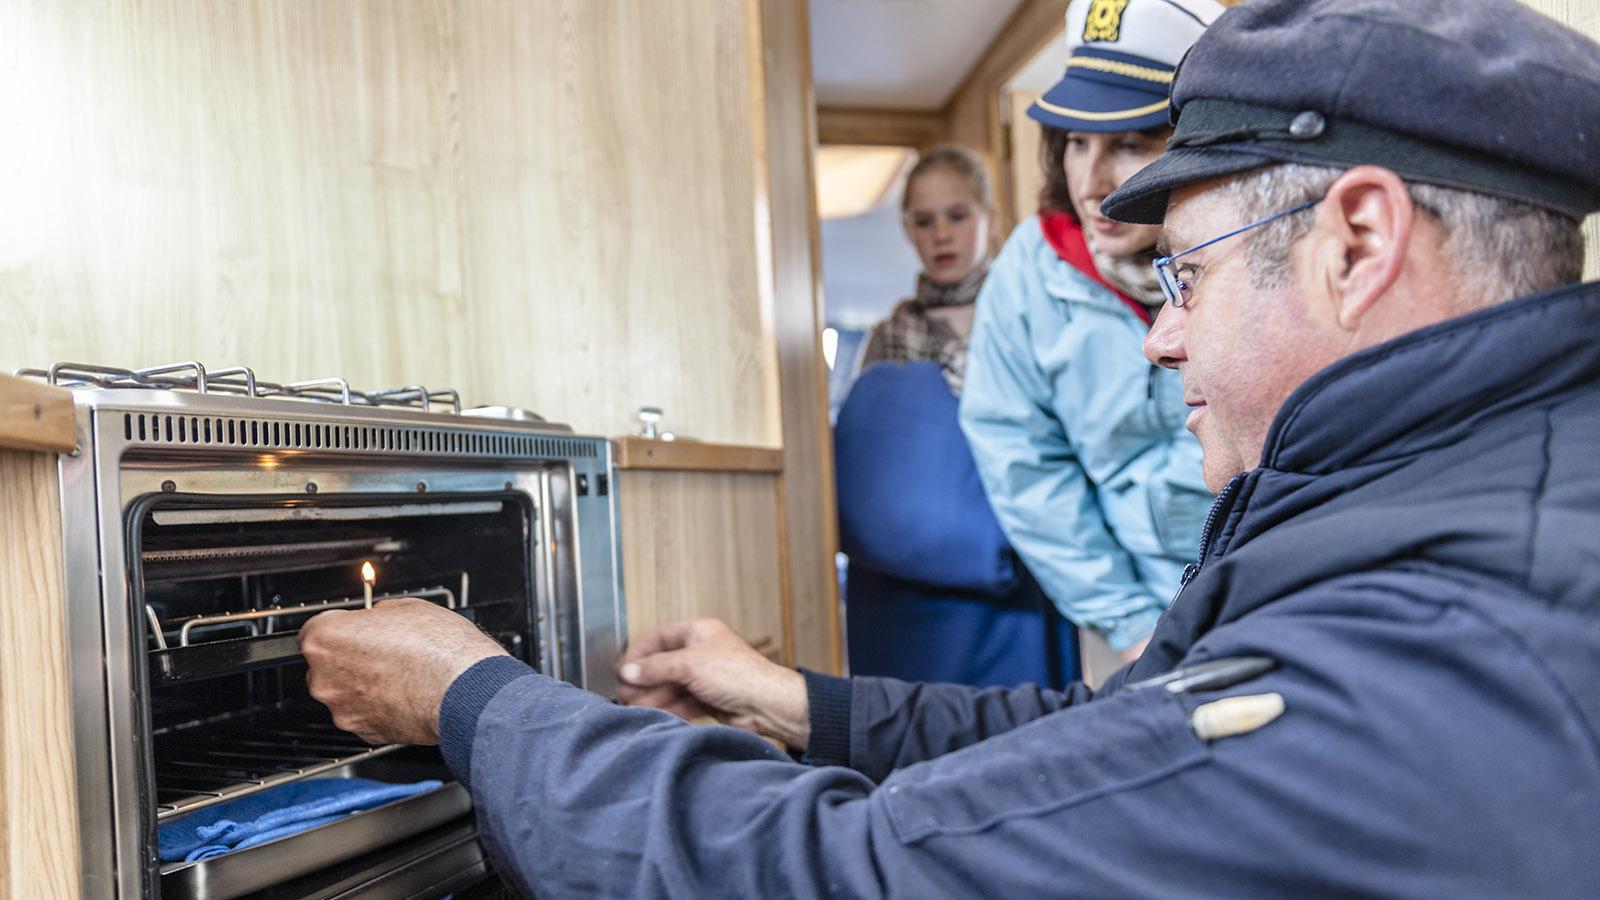 Le Boat: der Le Boat: der Backofen an Bord von MS Caprice. Foto: Hilke Maunder